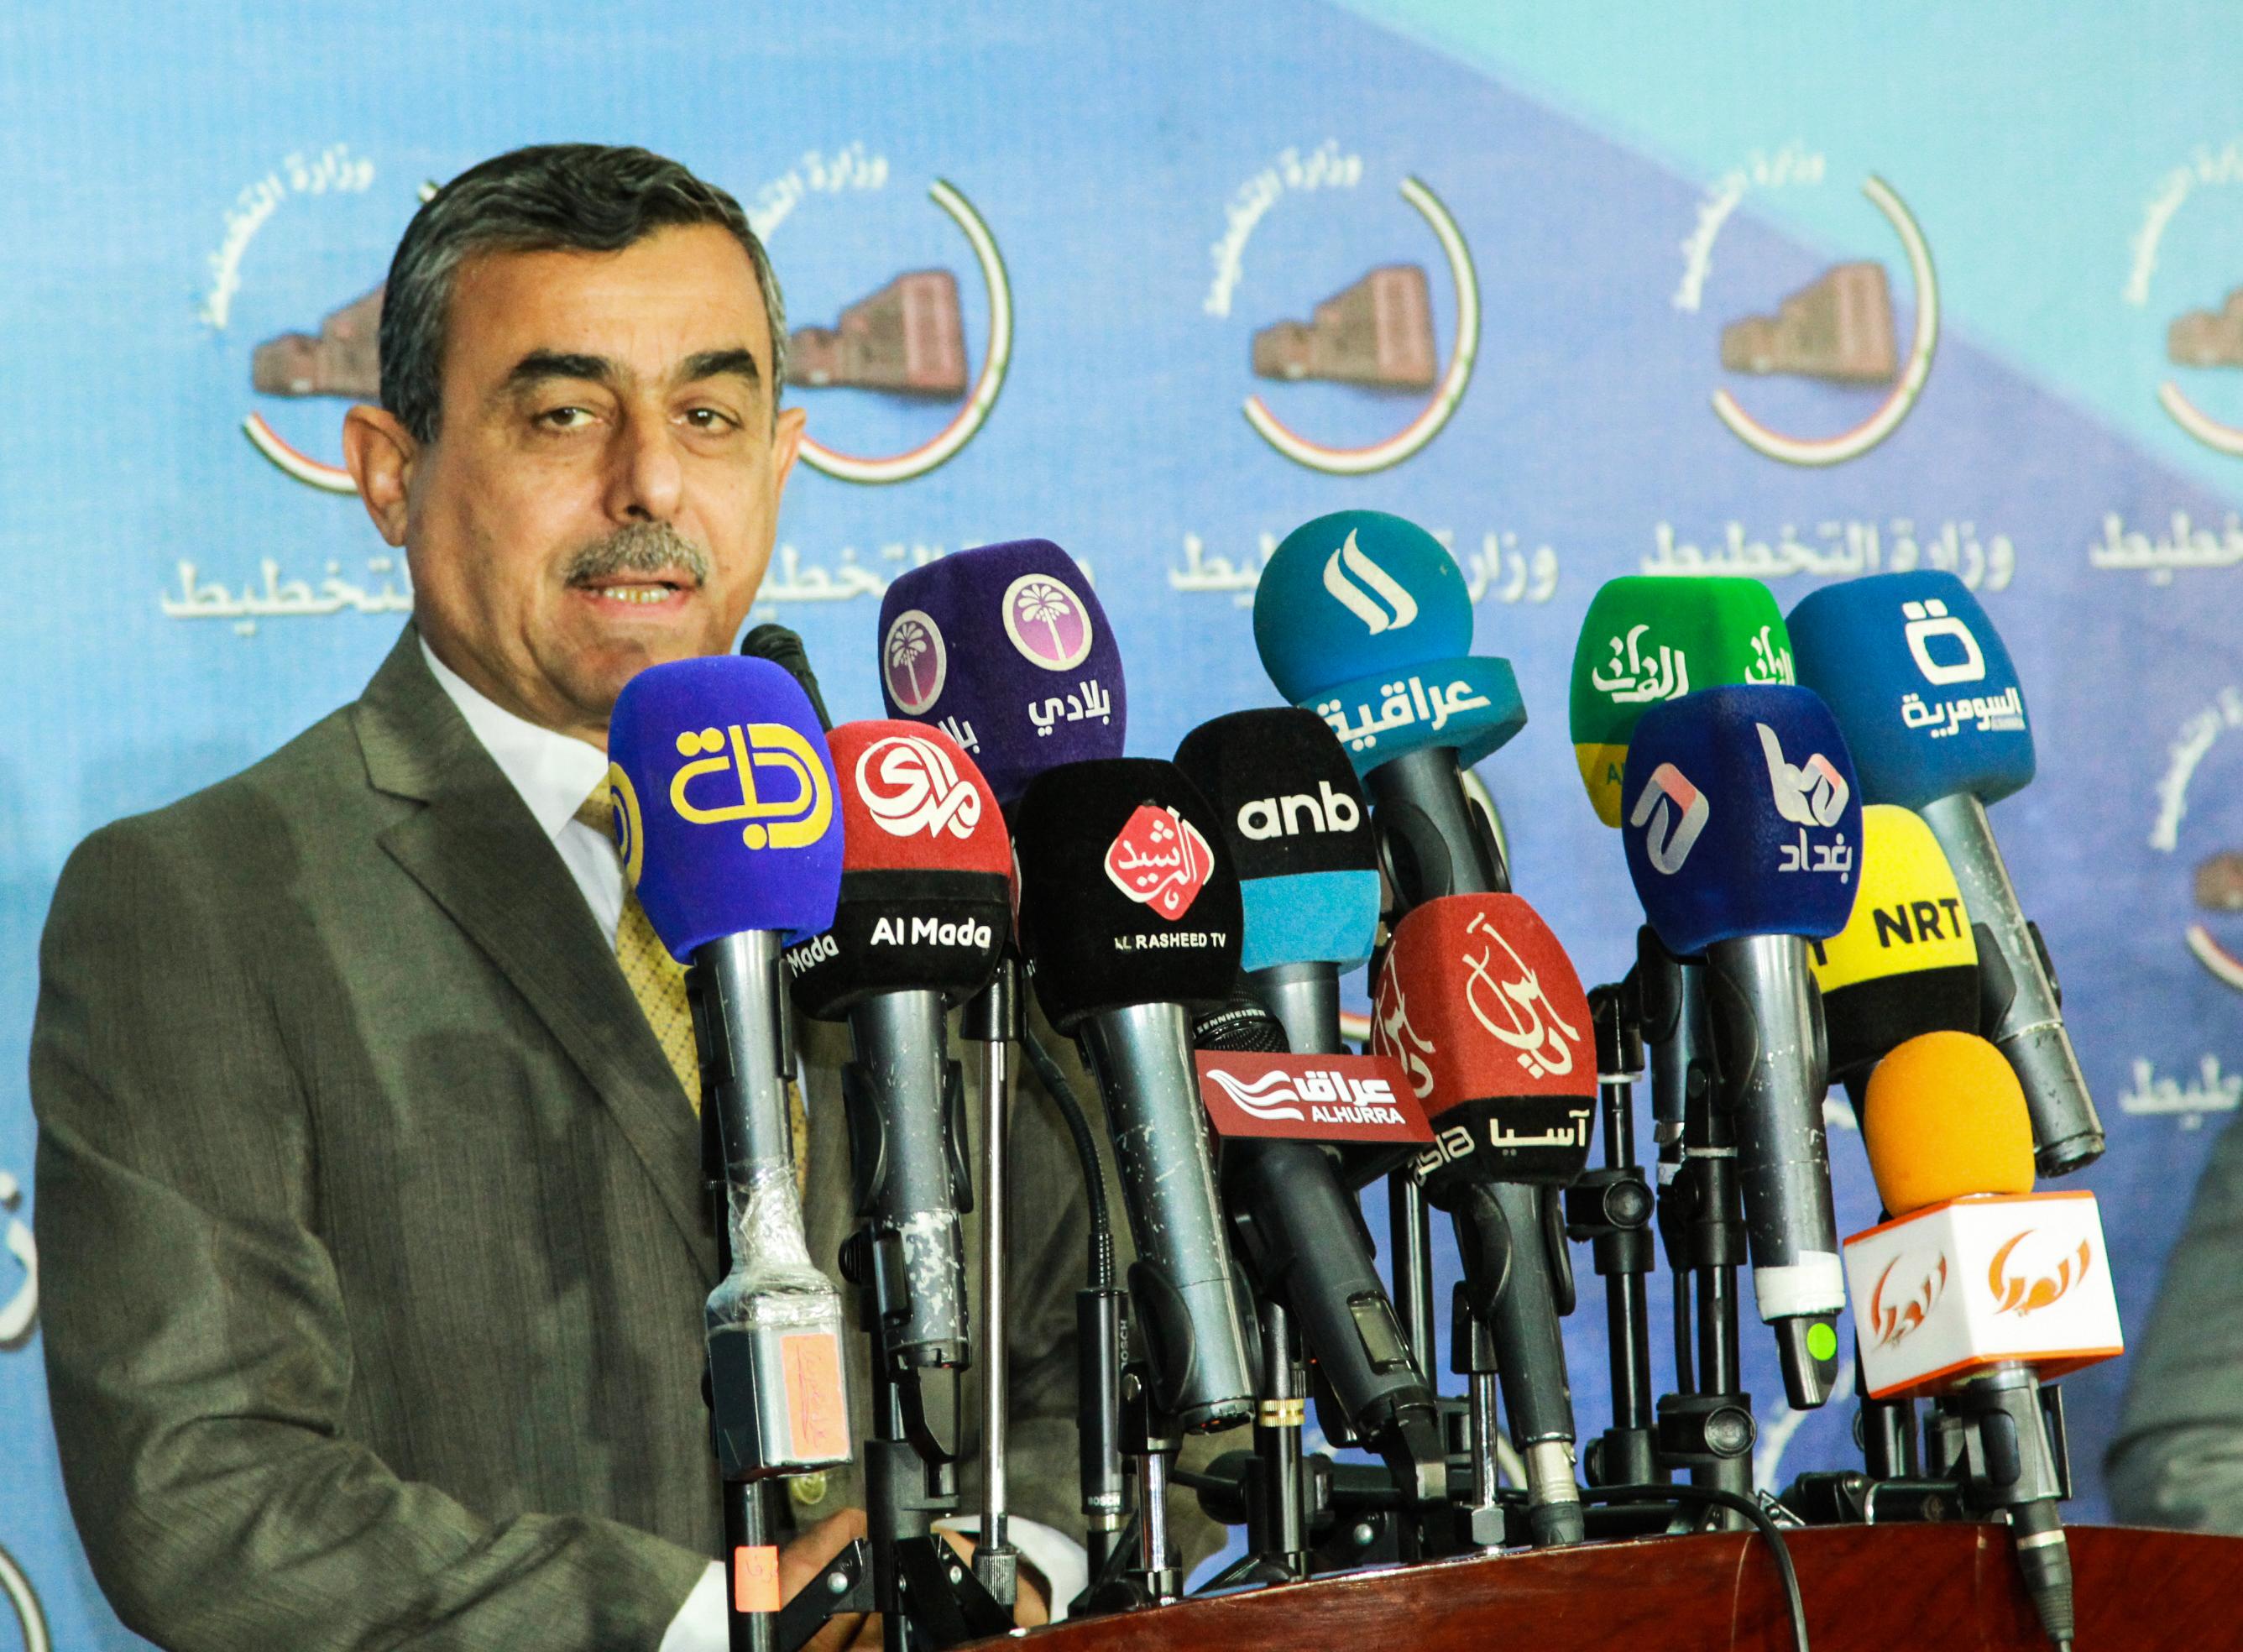 وزارة التخطيط العراقية تطلق اول مسح للعراقيين في الخارج